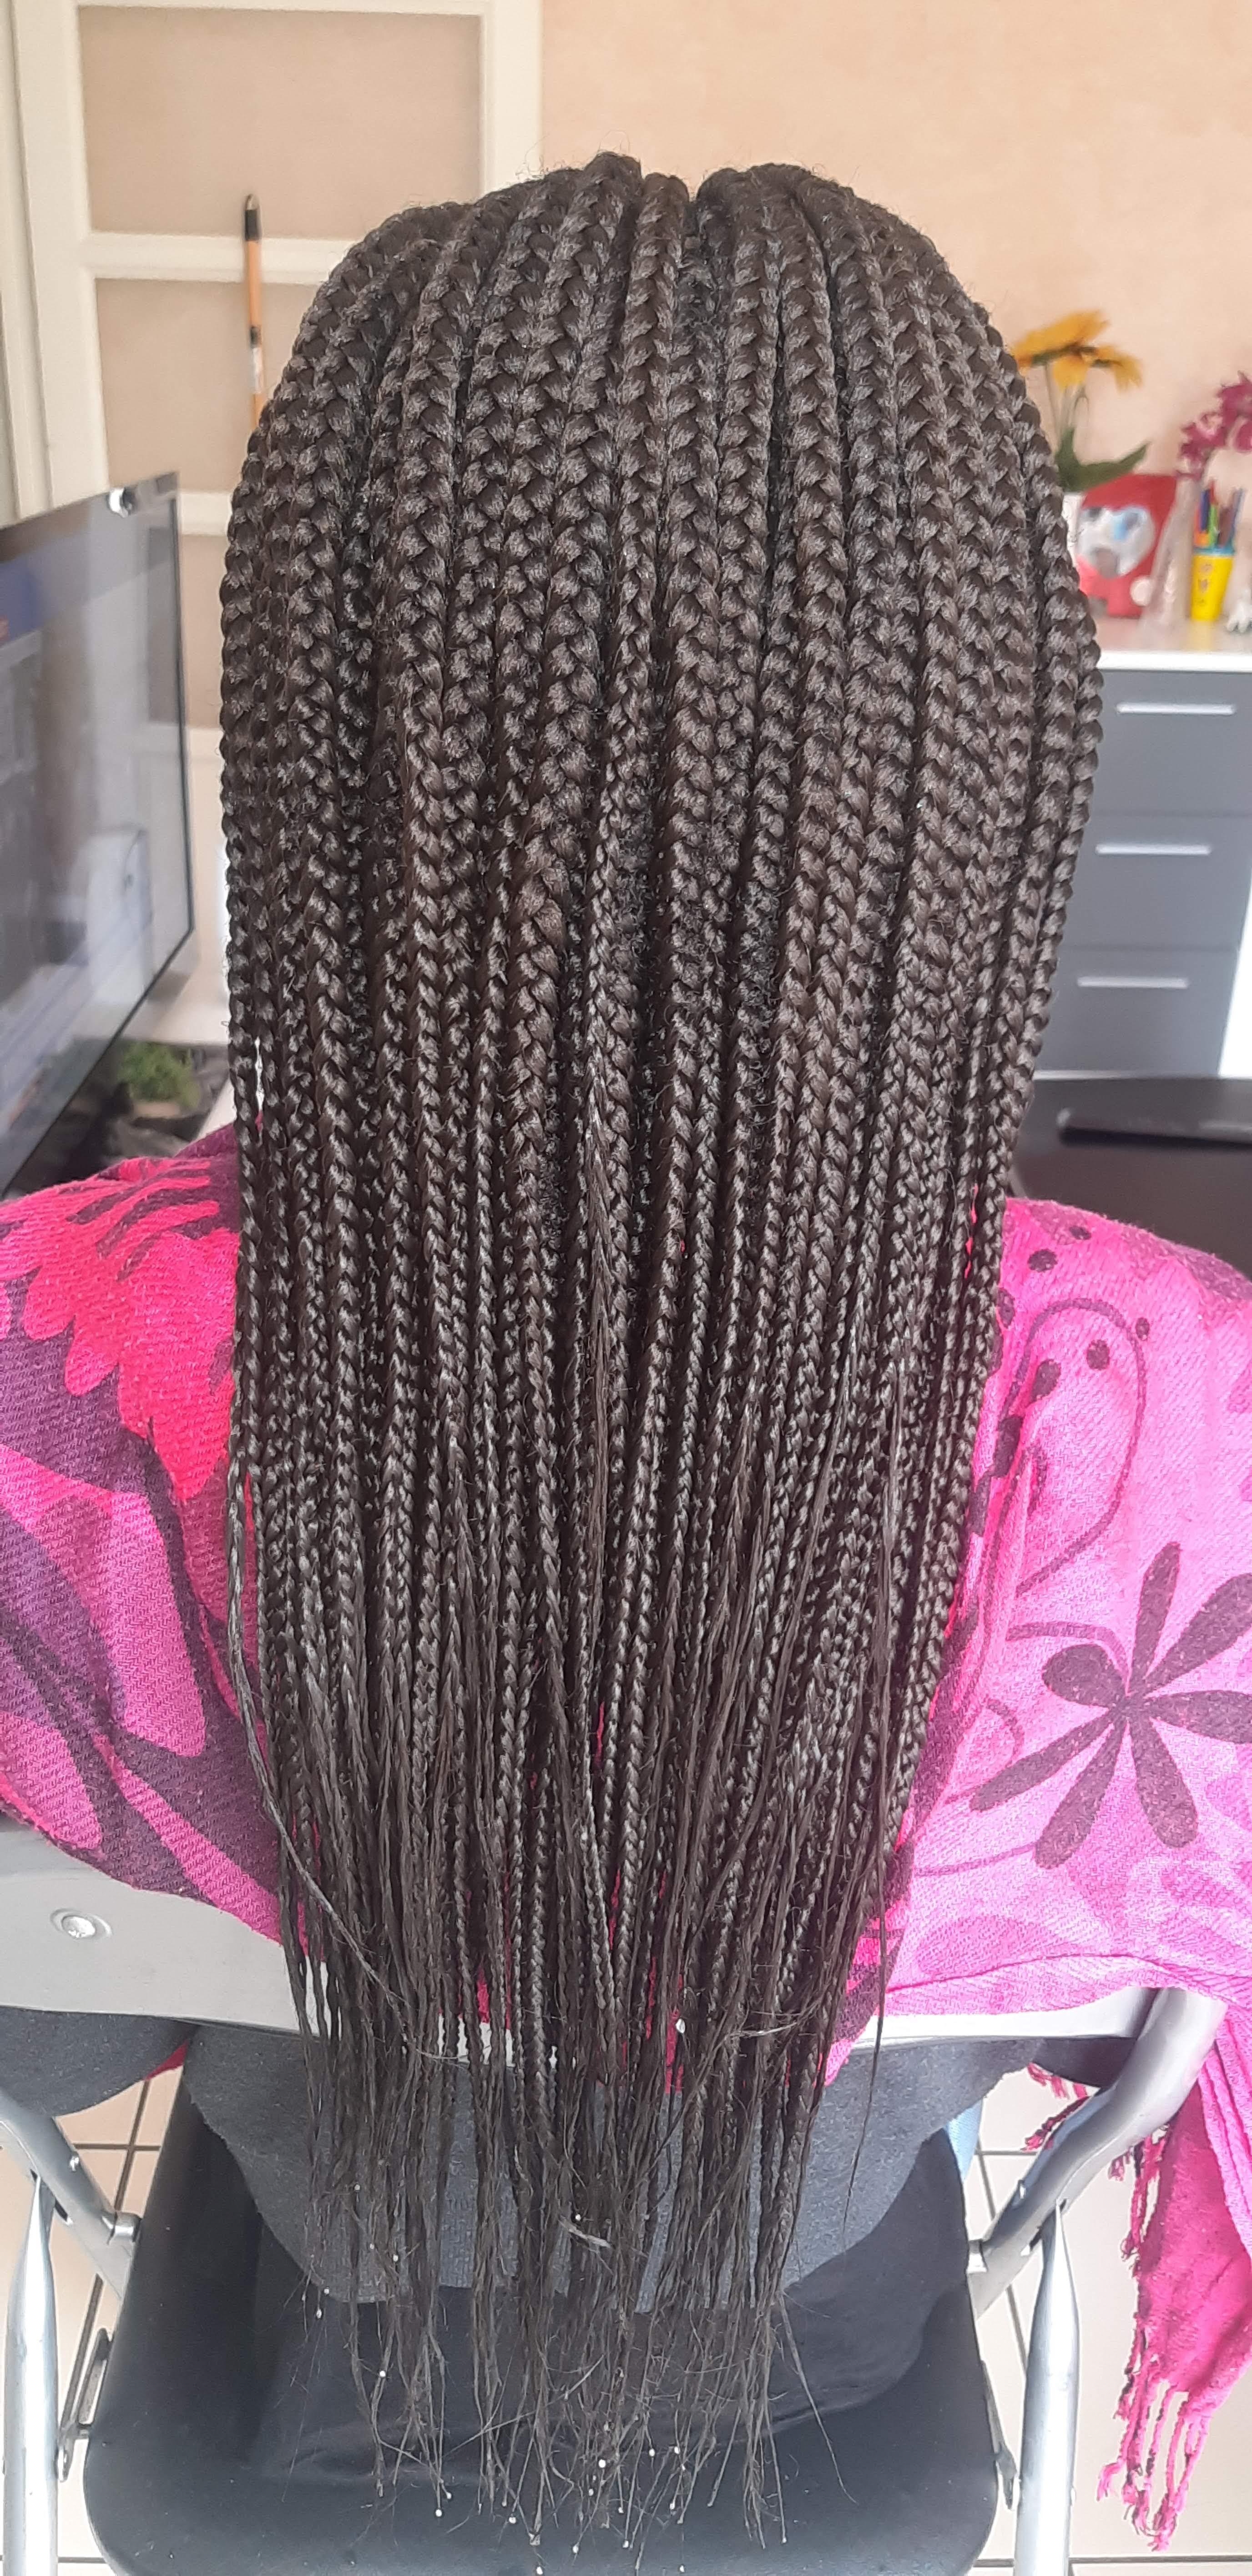 salon de coiffure afro tresse tresses box braids crochet braids vanilles tissages paris 75 77 78 91 92 93 94 95 ZKYGBVSG